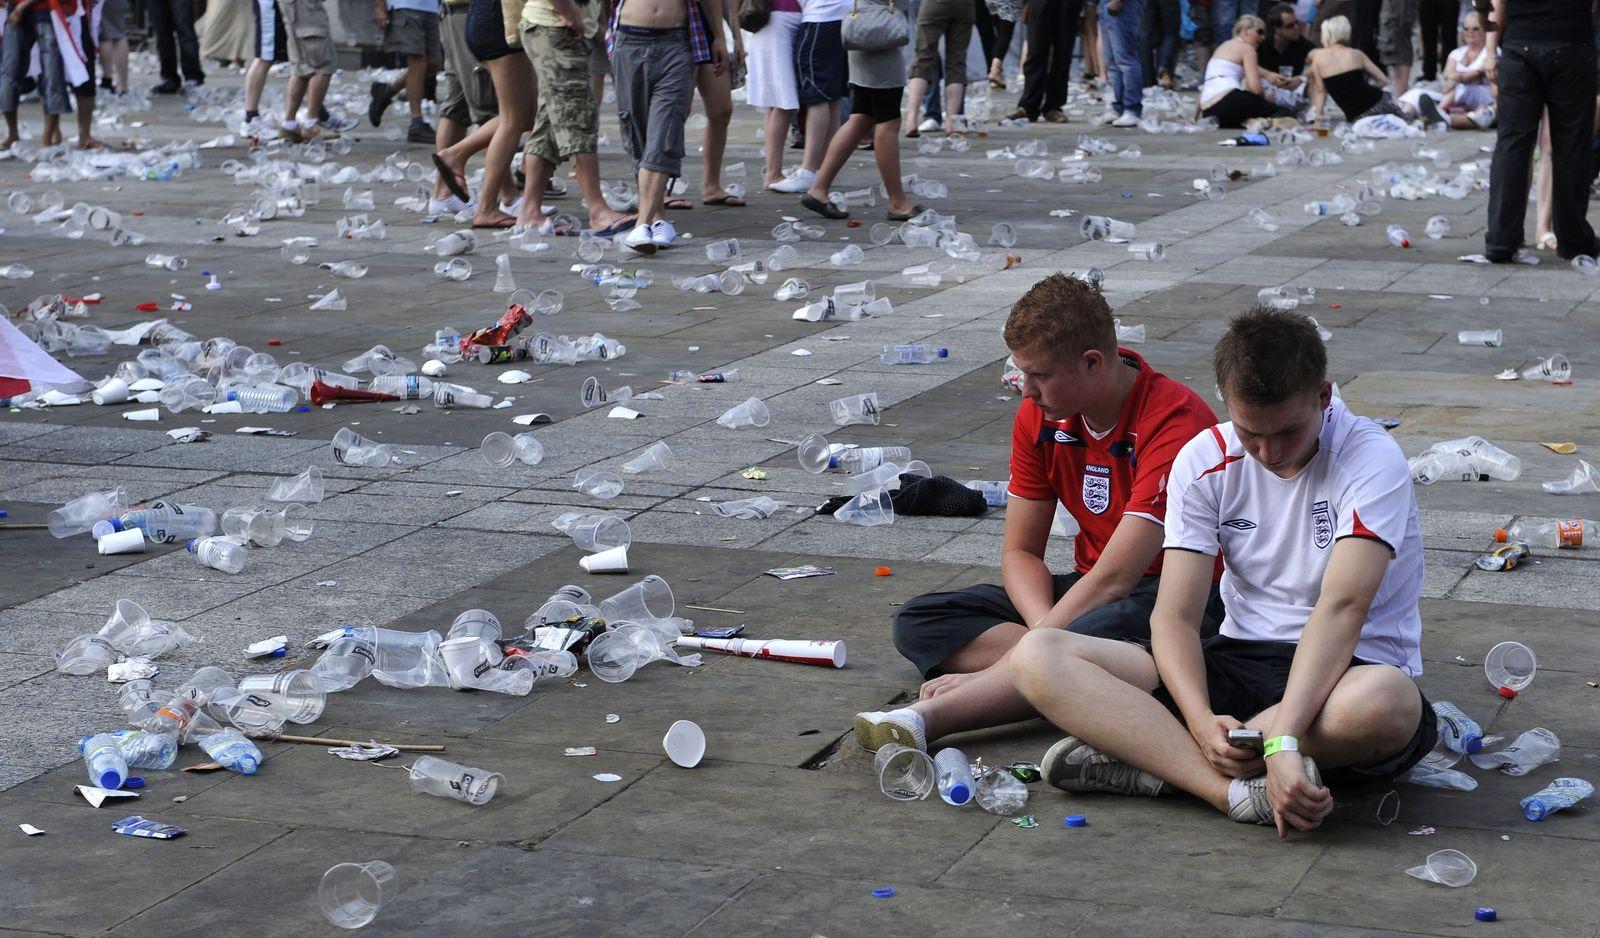 WM 2010 - Fans / Deutschland vs England